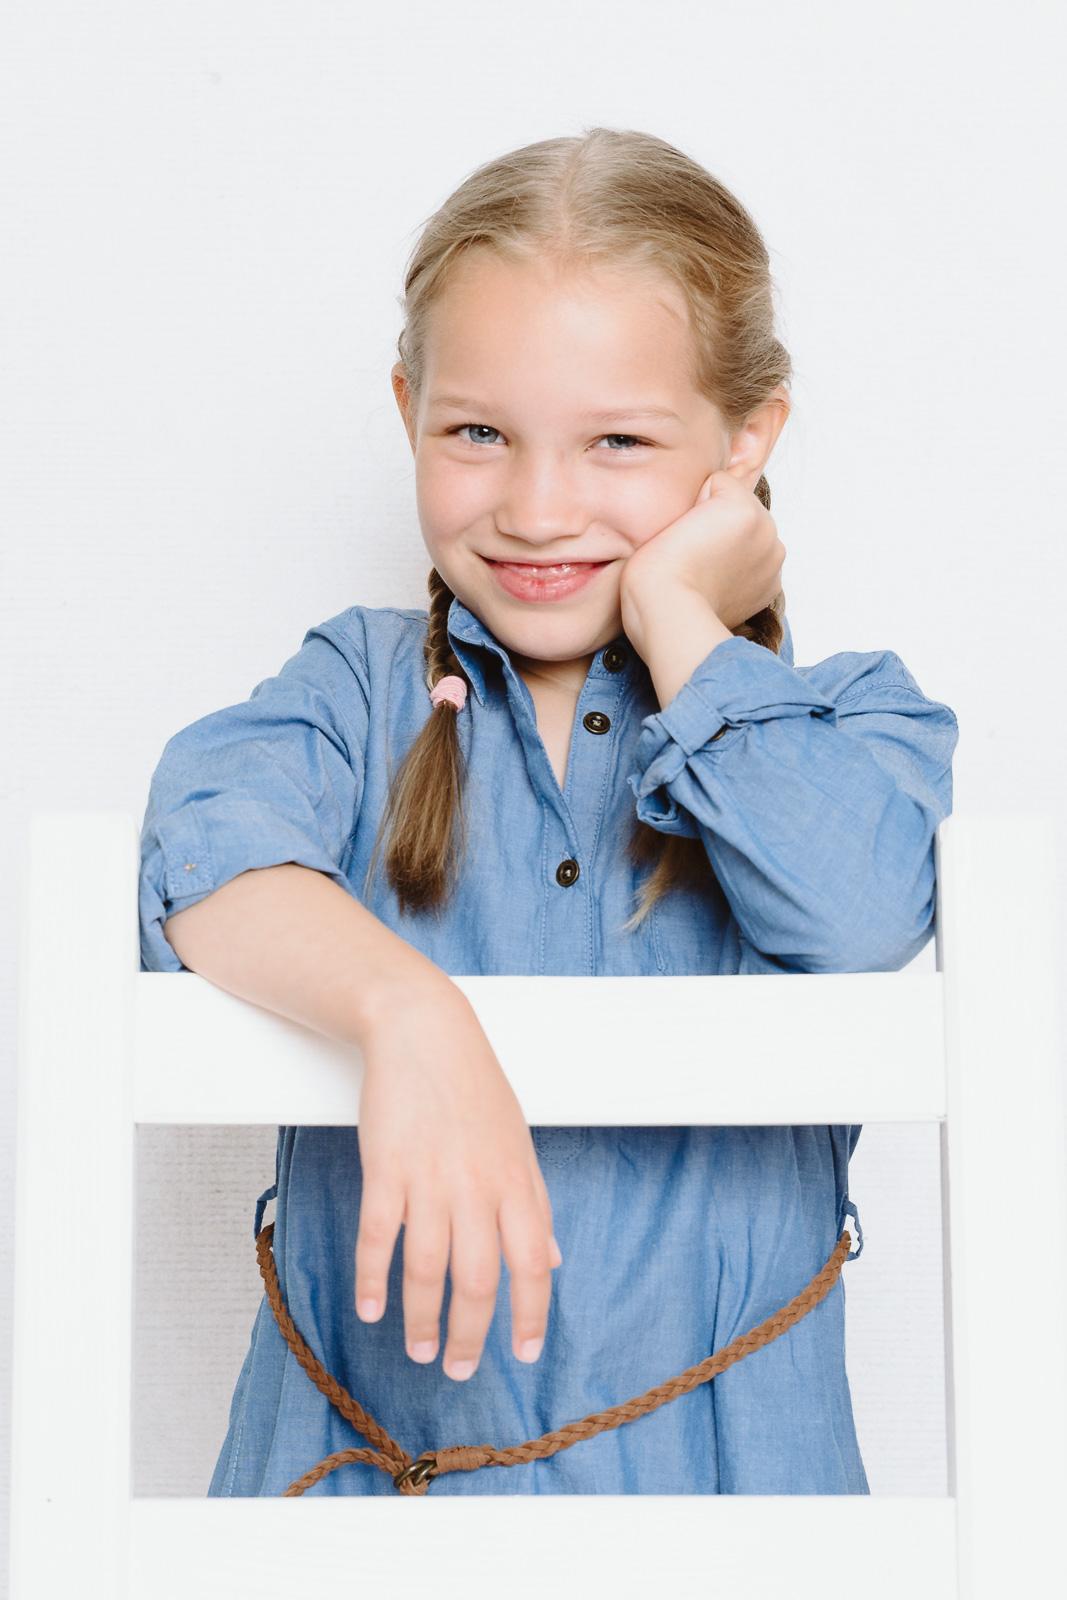 Kind kniet auf Stuhl-Kindergartenfotografin Yehdou aus Bonn